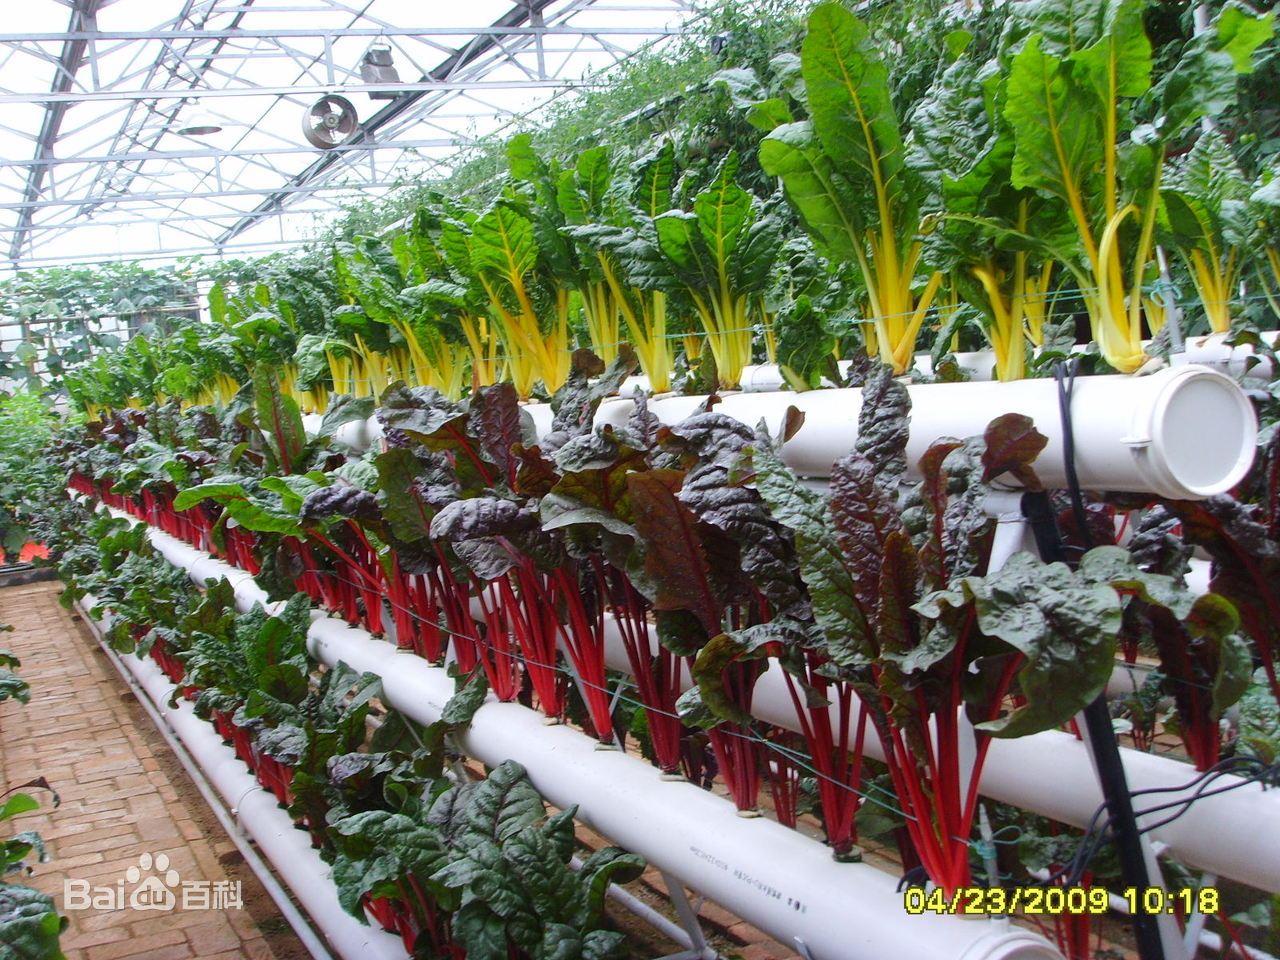 蔬菜无土栽培新技术图片 高清图片